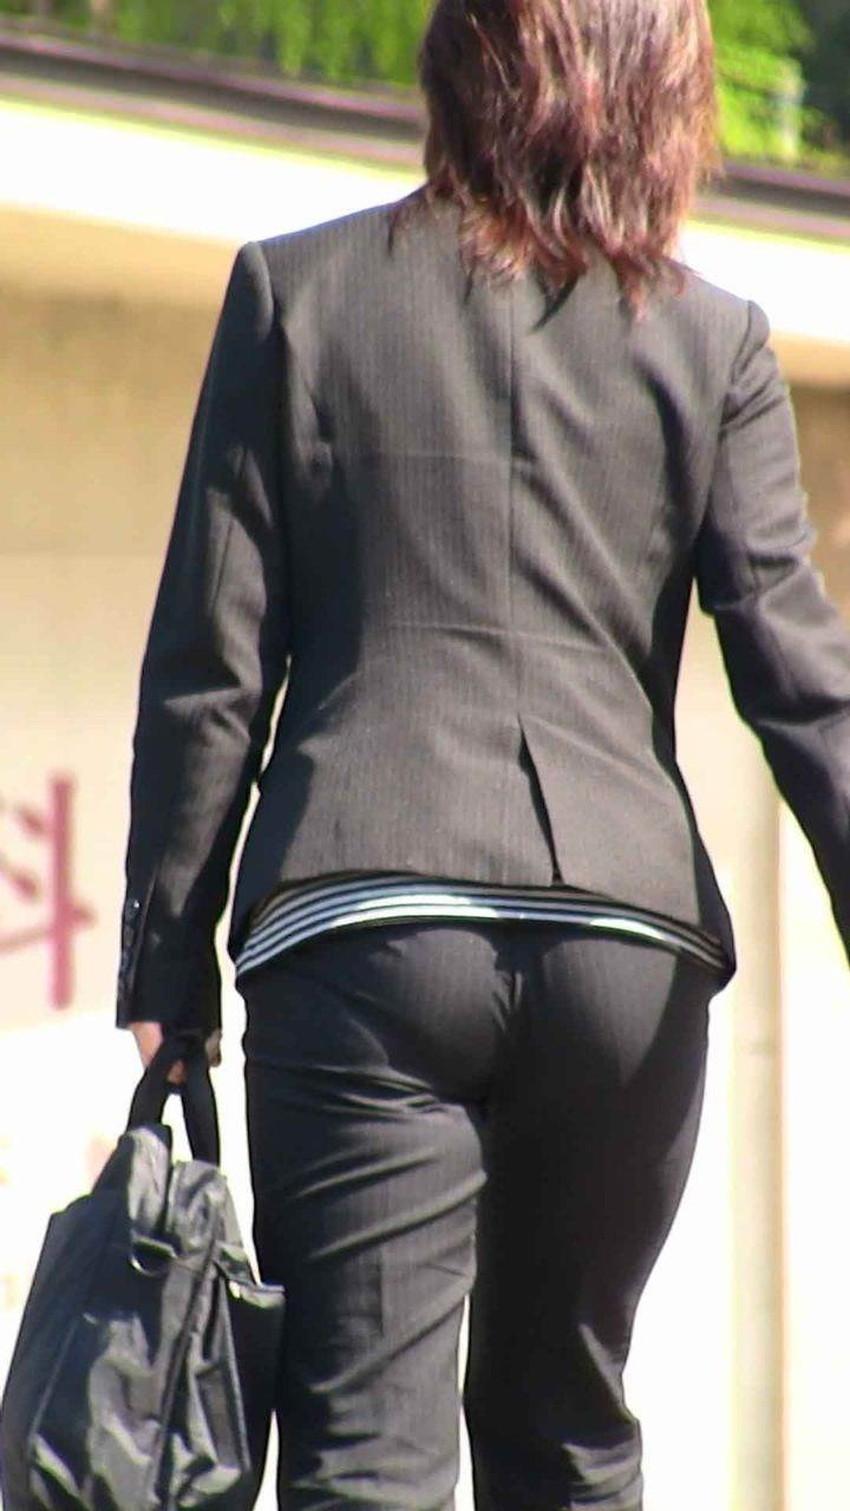 【パンツスーツOLエロ画像】パンツスーツOLのデカ尻から浮かび上がるパンティーラインが一番美しい!ww仕事や休憩中のOLのパン線を隠し撮りしたパンツスーツOLのエロ画像集!ww【80枚】 74